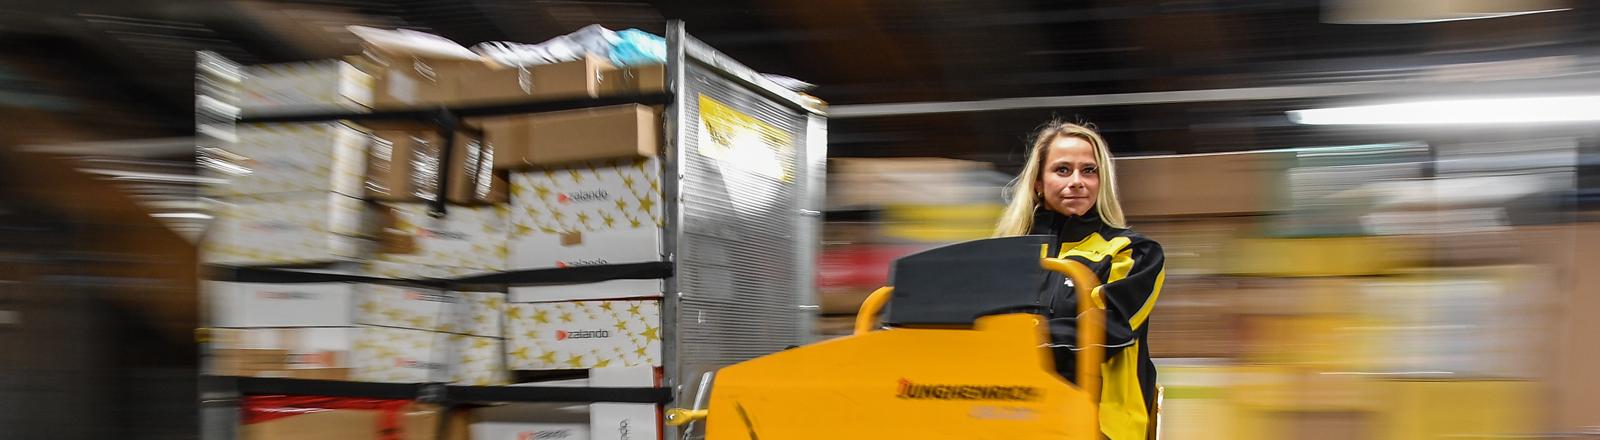 Frau auf einem Transportgerät im Paketzentrum.